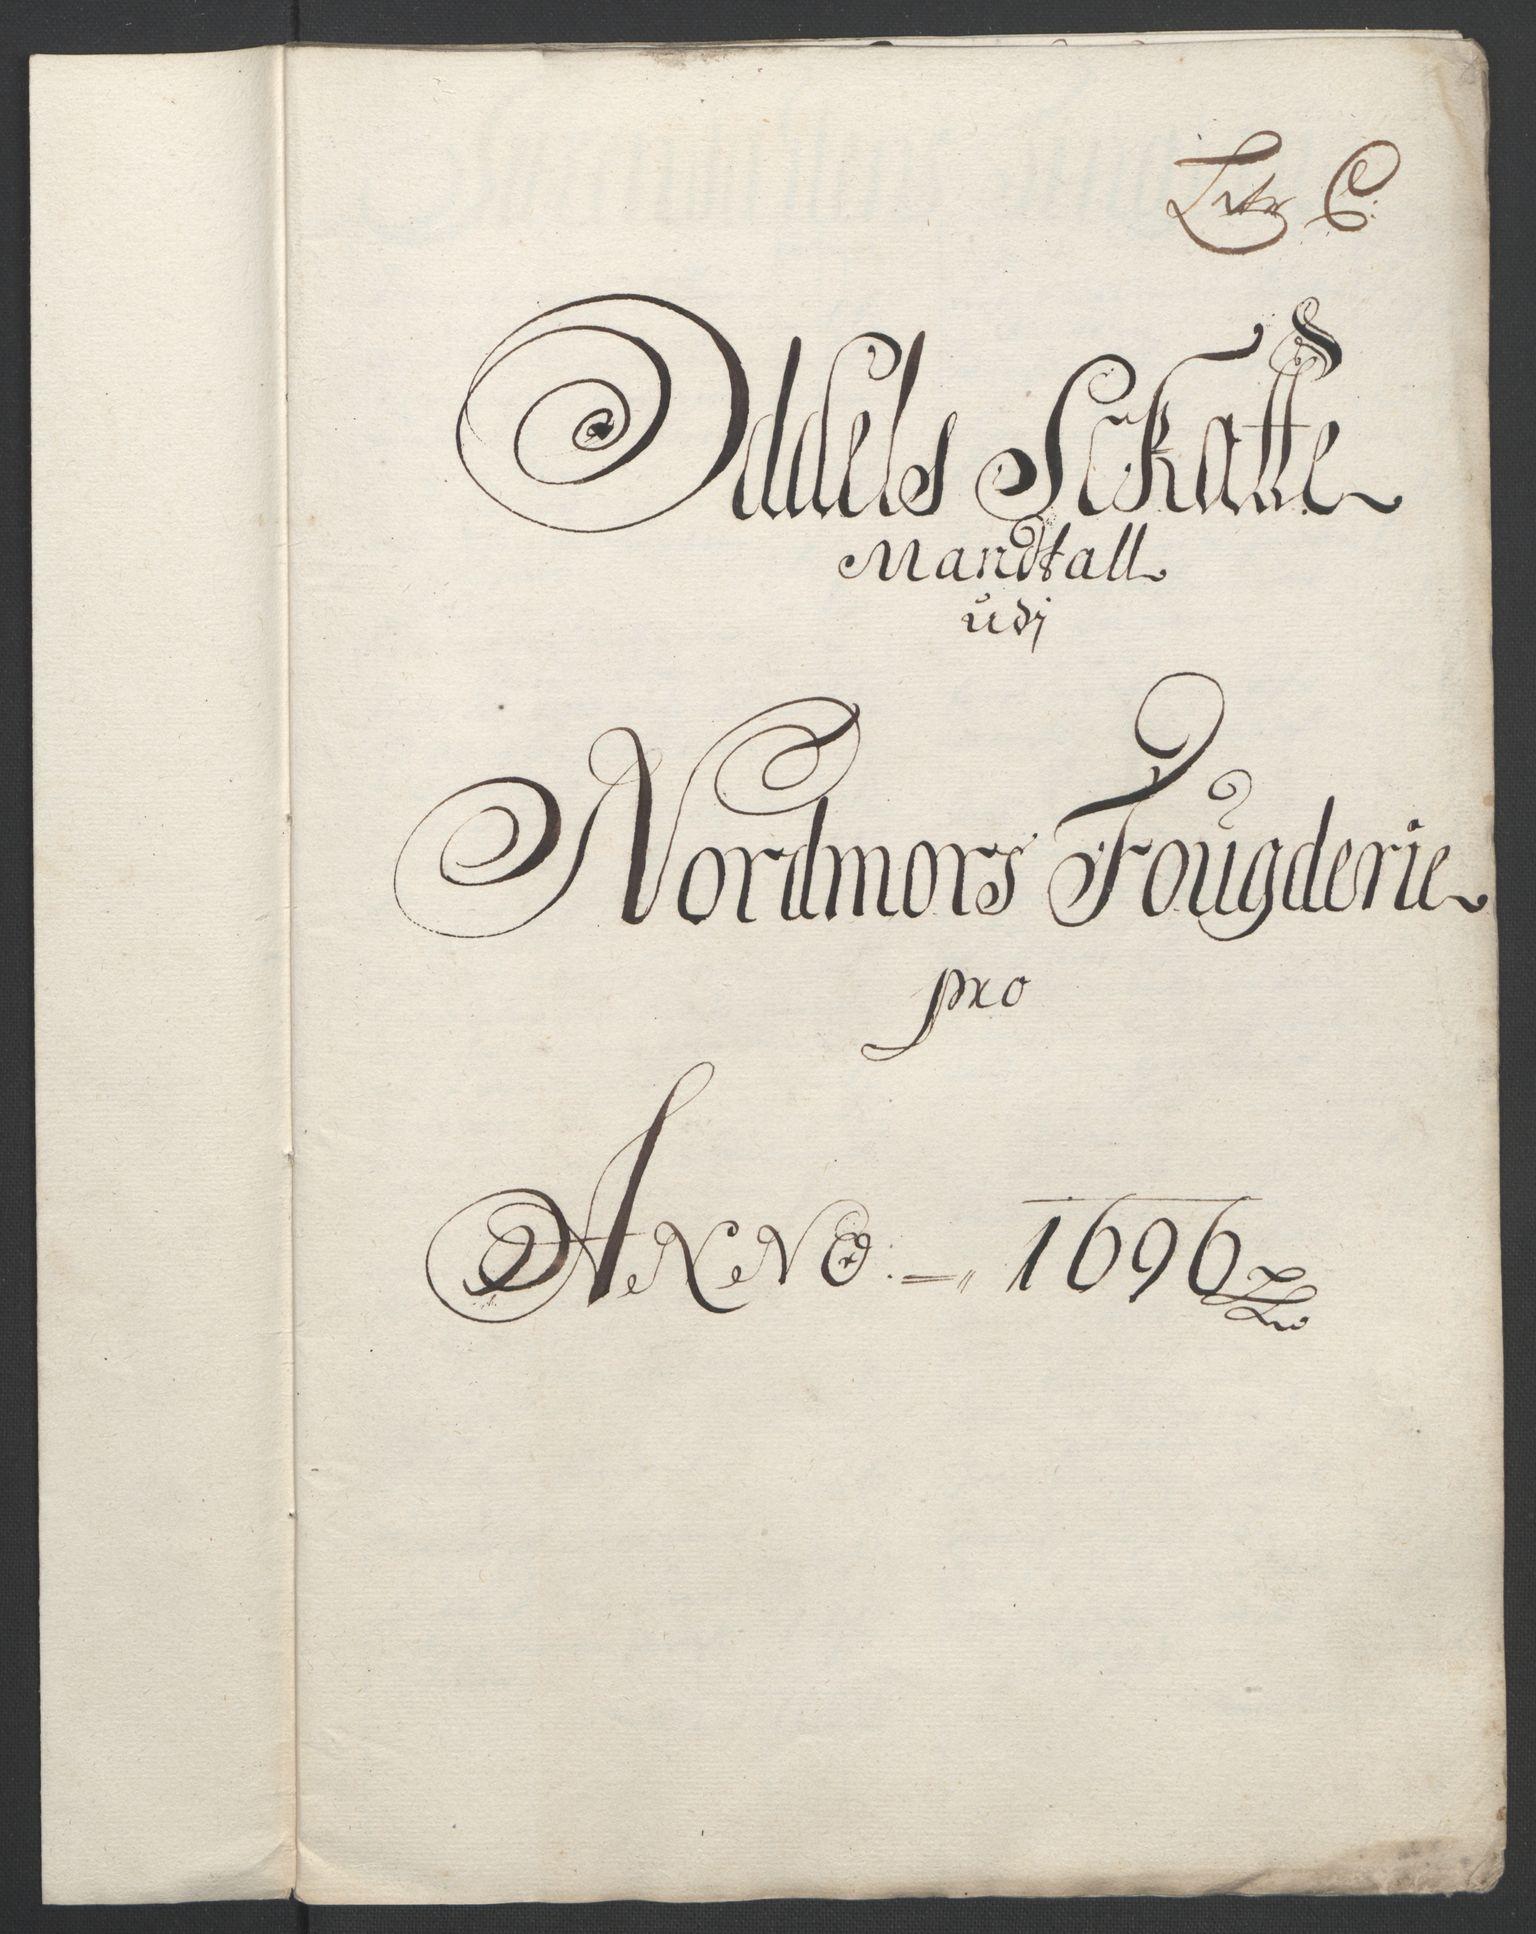 RA, Rentekammeret inntil 1814, Reviderte regnskaper, Fogderegnskap, R56/L3736: Fogderegnskap Nordmøre, 1694-1696, s. 401